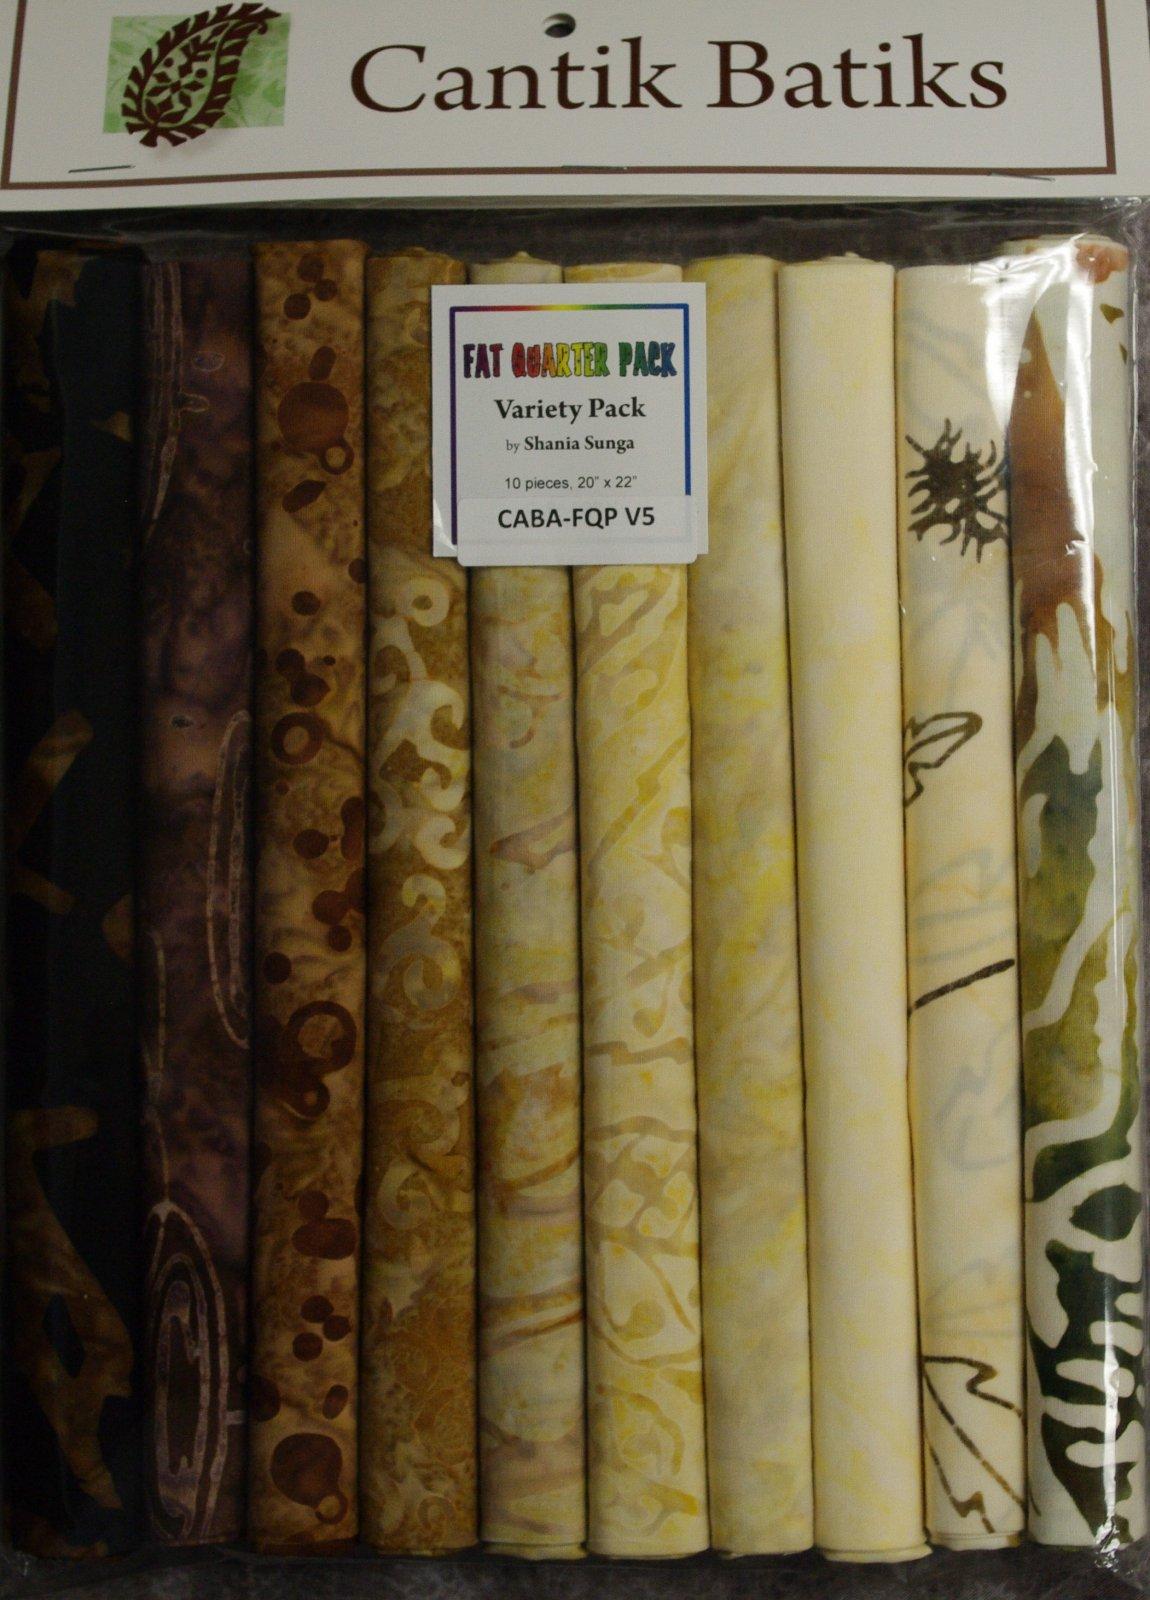 Cantik Batiks - Shania Sunga - Fat Quarter Pack